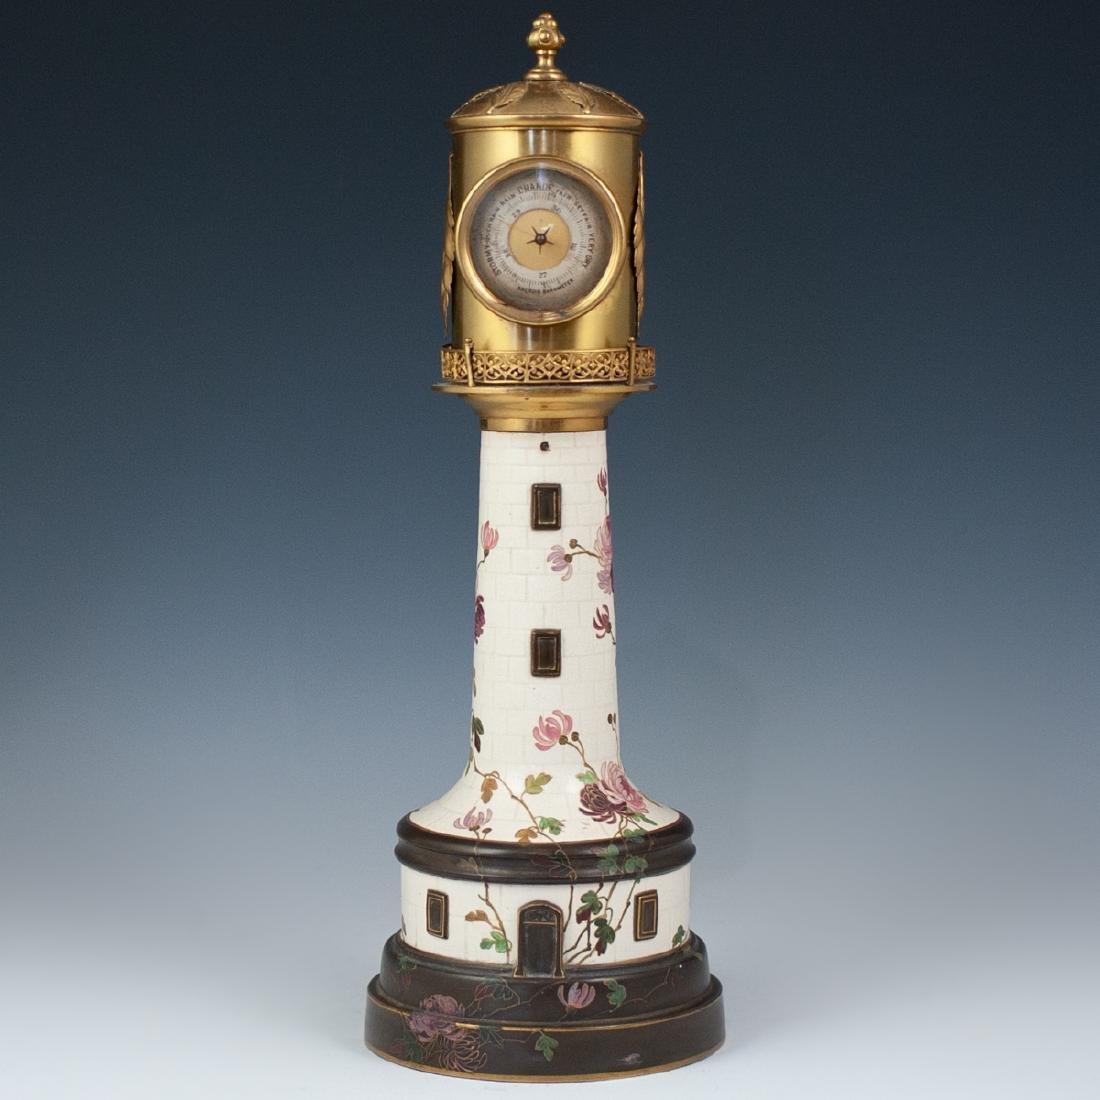 Antique Porcelain Lighthouse Clock/Barometer - 8